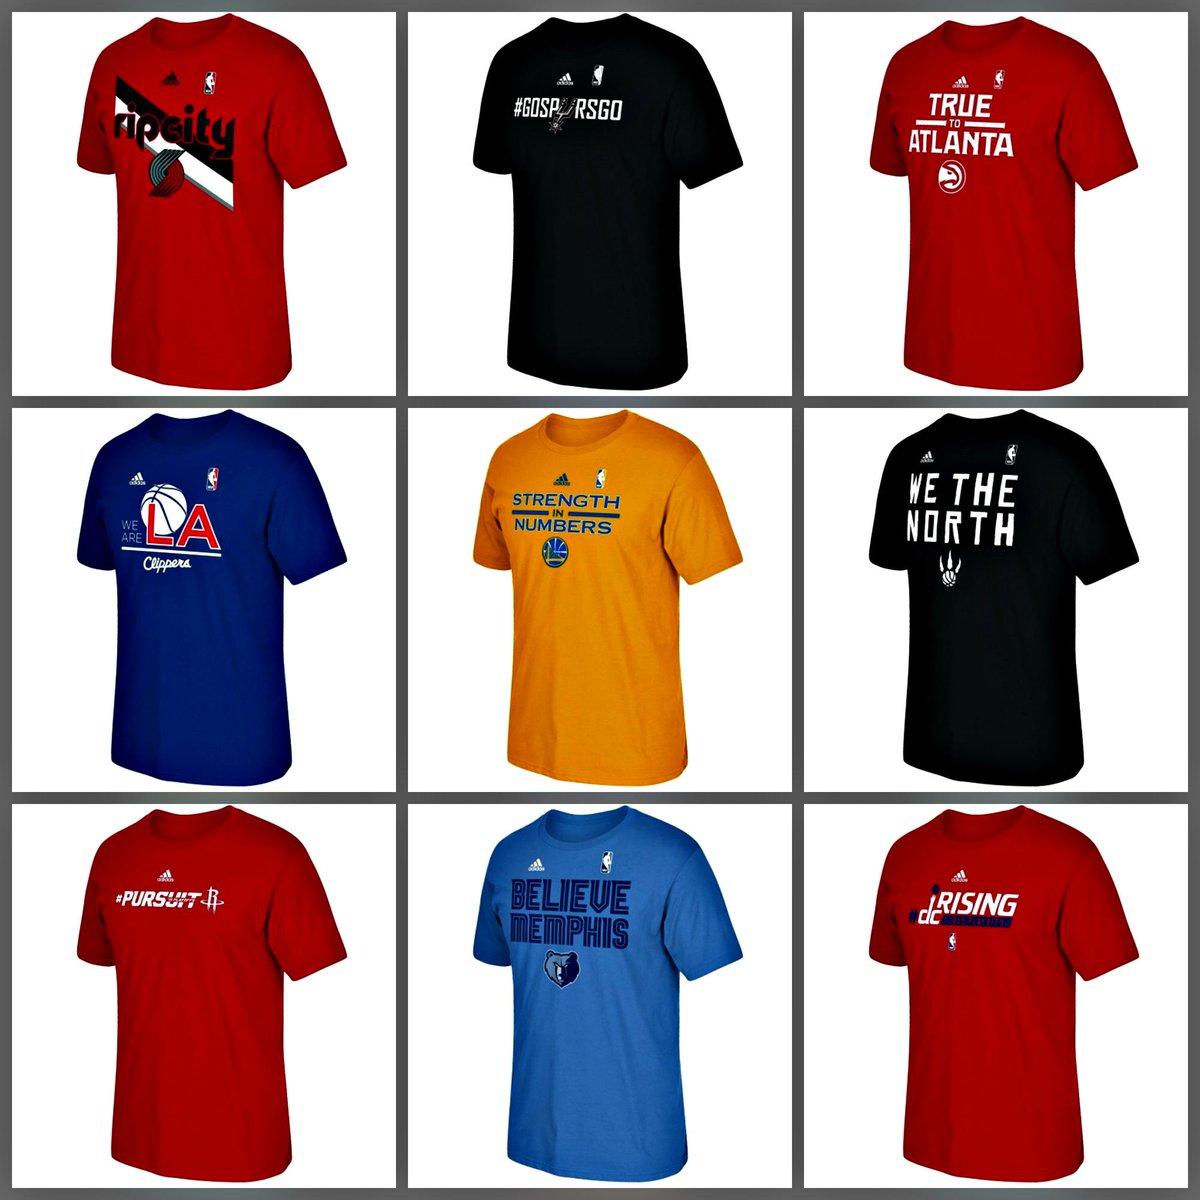 wholesale dealer 597d1 abbb8 NBA Store on Twitter: